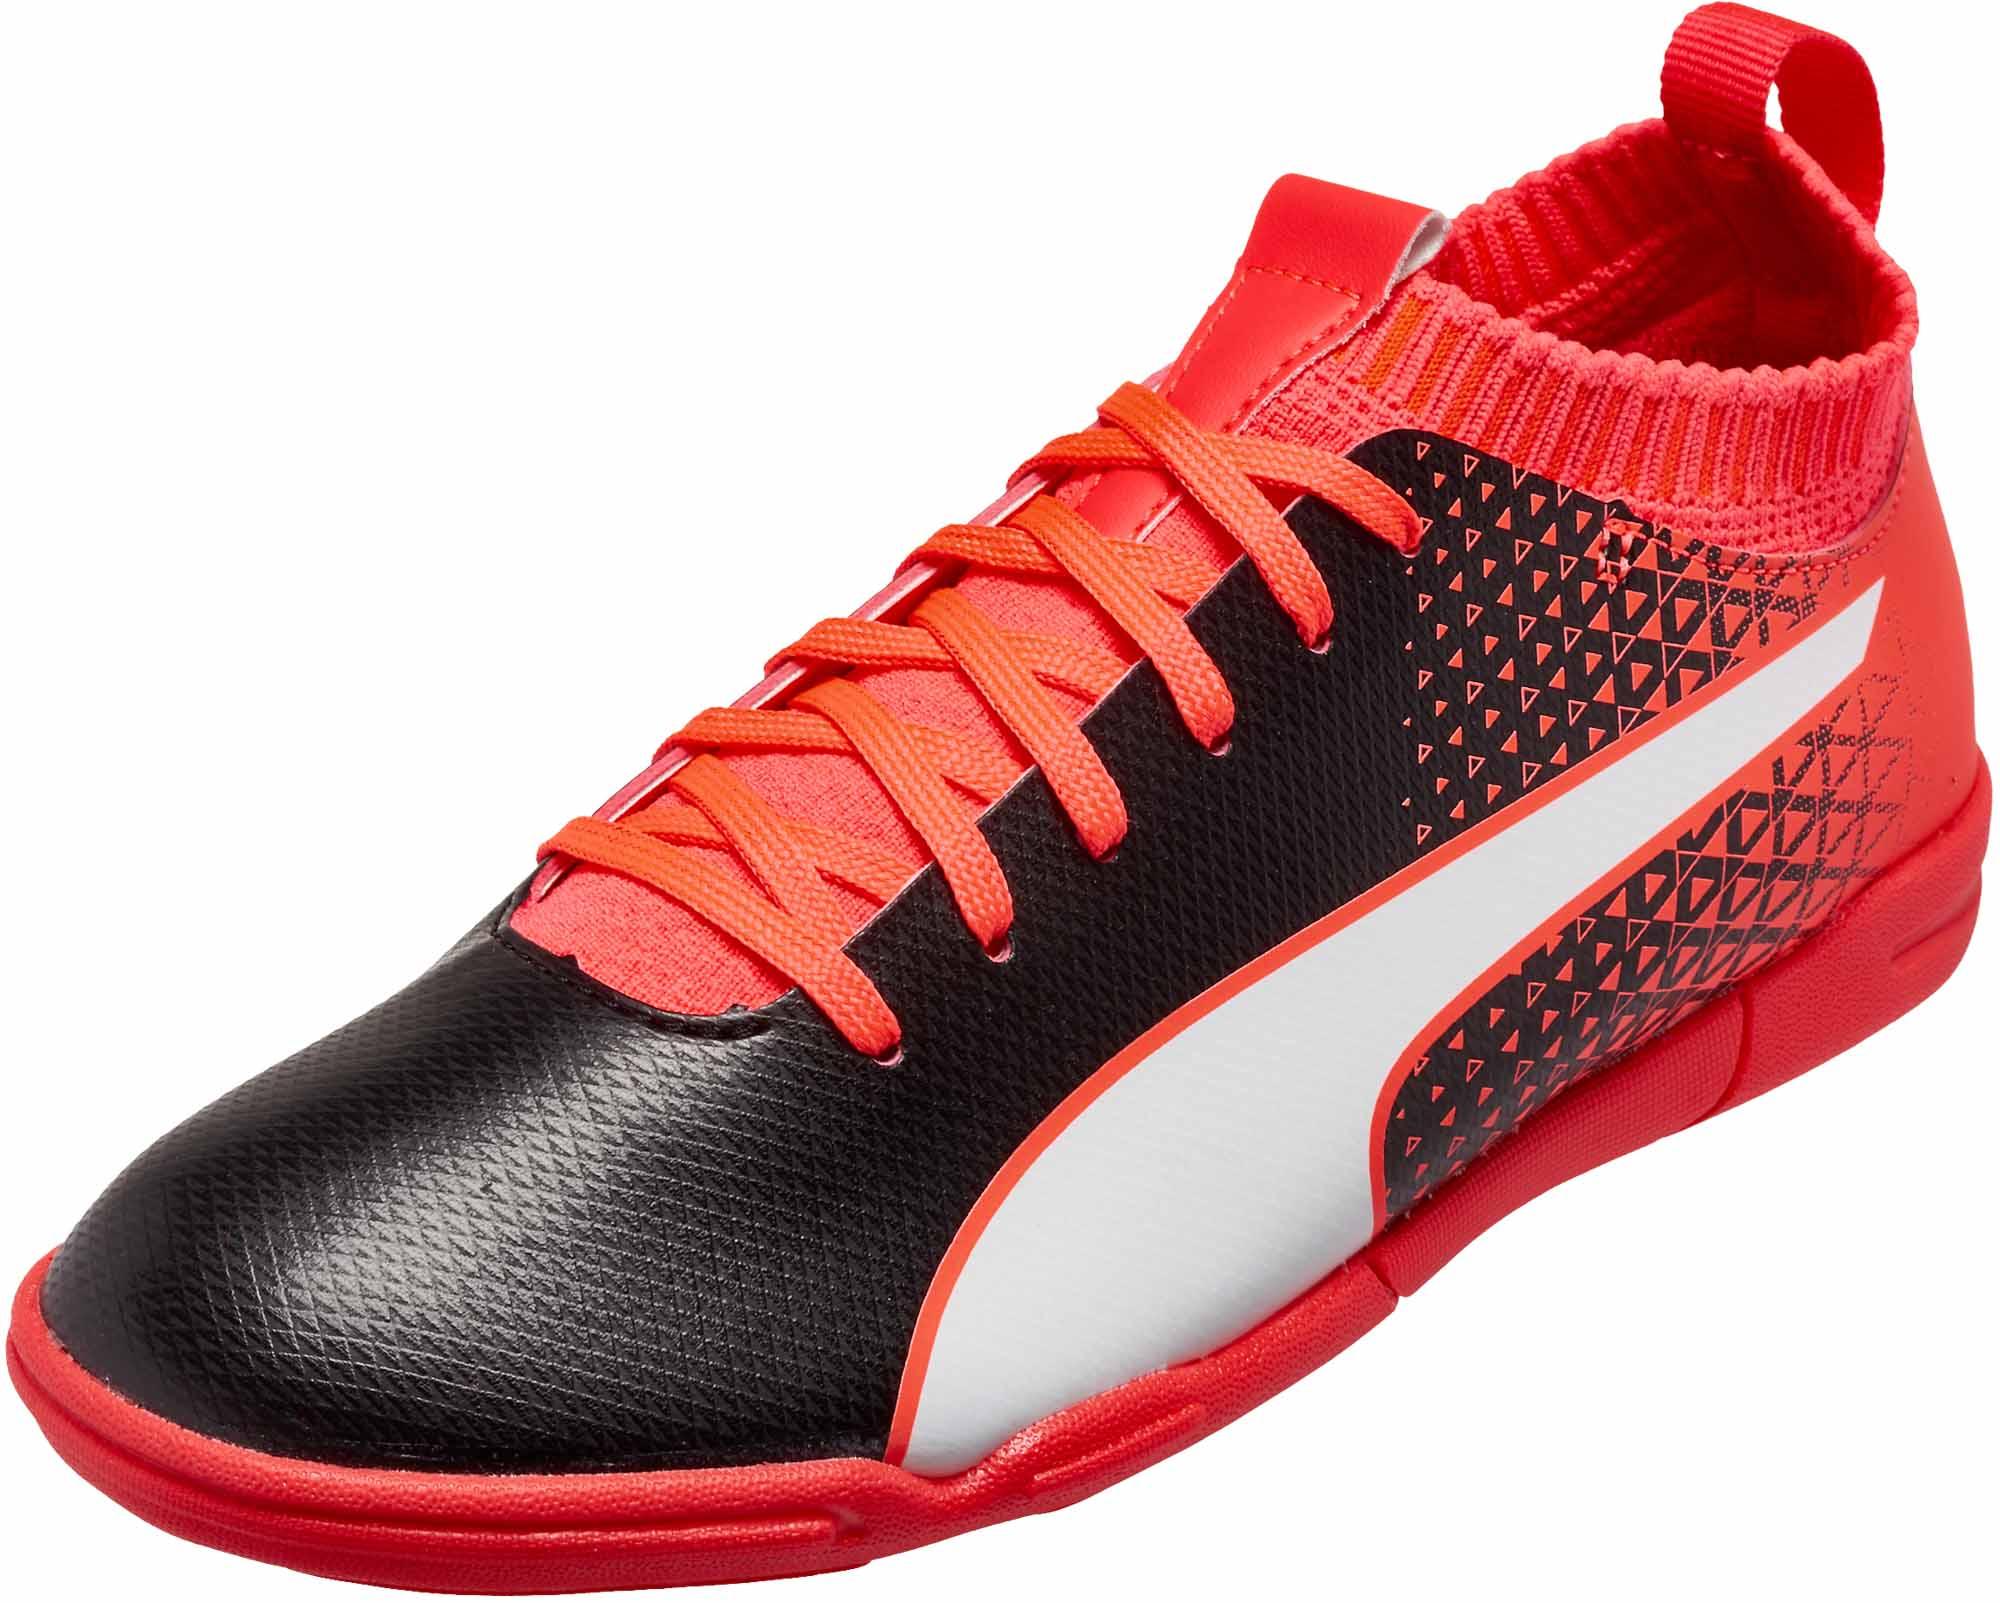 af89913f3e7 Puma Kids evoKNIT FTB IT Shoes - Puma Soccer Shoes